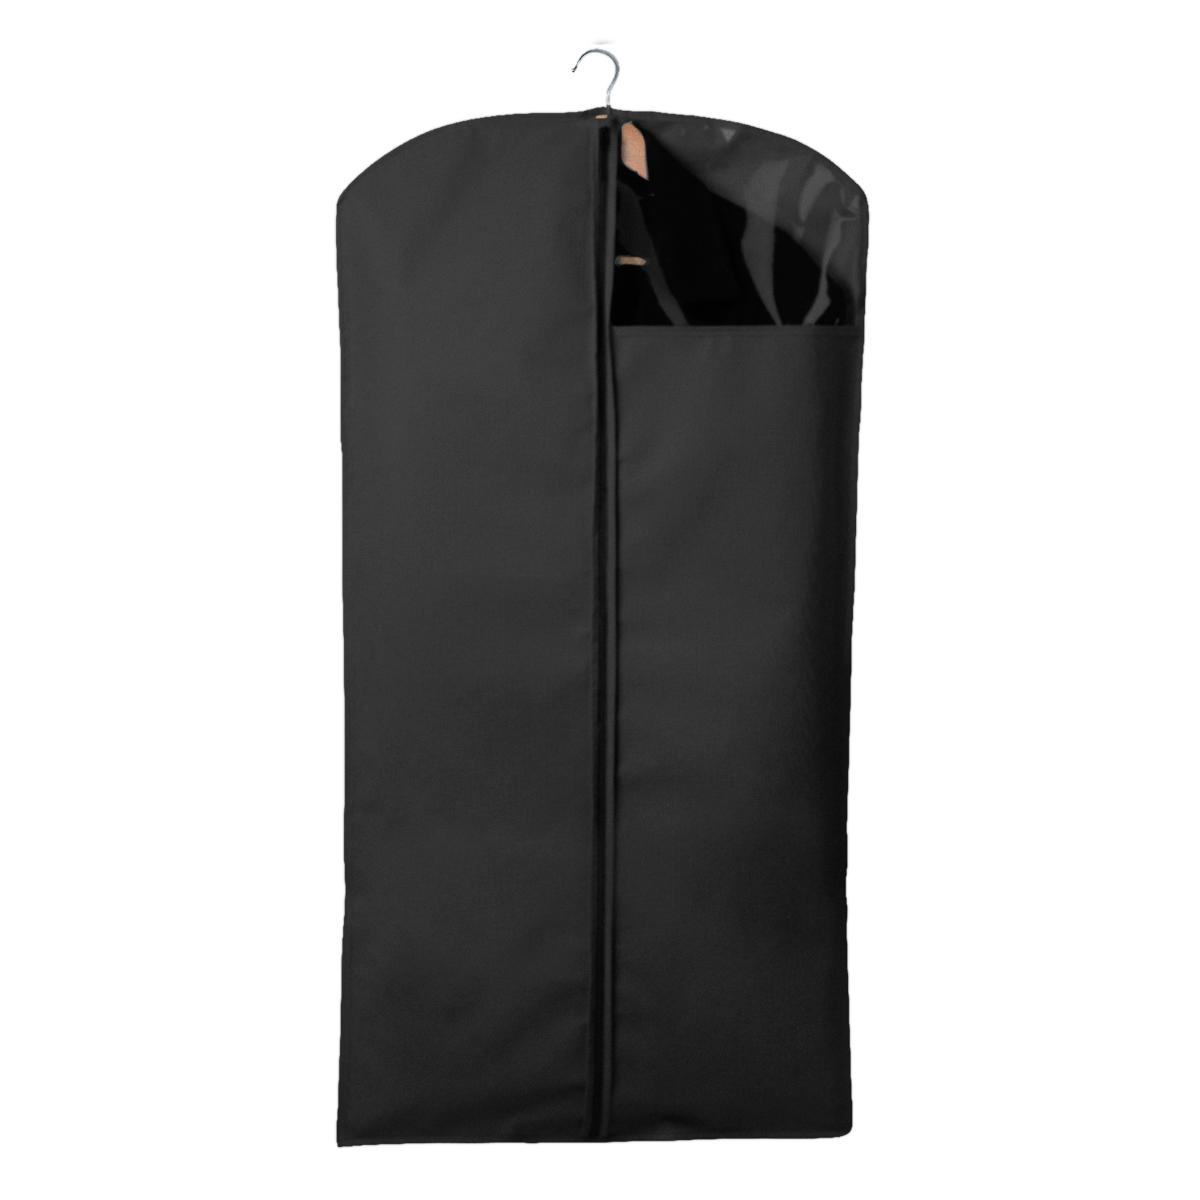 Чехол для одежды Miolla, с окошком, цвет: черный, 120 х 60 смCHL-2-3Чехол для костюмов и платьев Miolla на застежке-молнии выполнен из высококачественного нетканого материала. Прозрачное полиэтиленовое окошко позволяет видеть содержимое чехла. Подходит для длительного хранения вещей. Чехол обеспечивает вашей одежде надежную защиту от влажности, повреждений и грязи при транспортировке, от запыления при хранении и проникновения моли. Чехол обладает водоотталкивающими свойствами, а также позволяет воздуху свободно поступать внутрь вещей, обеспечивая их кондиционирование. Размер чехла: 120 х 60 см.